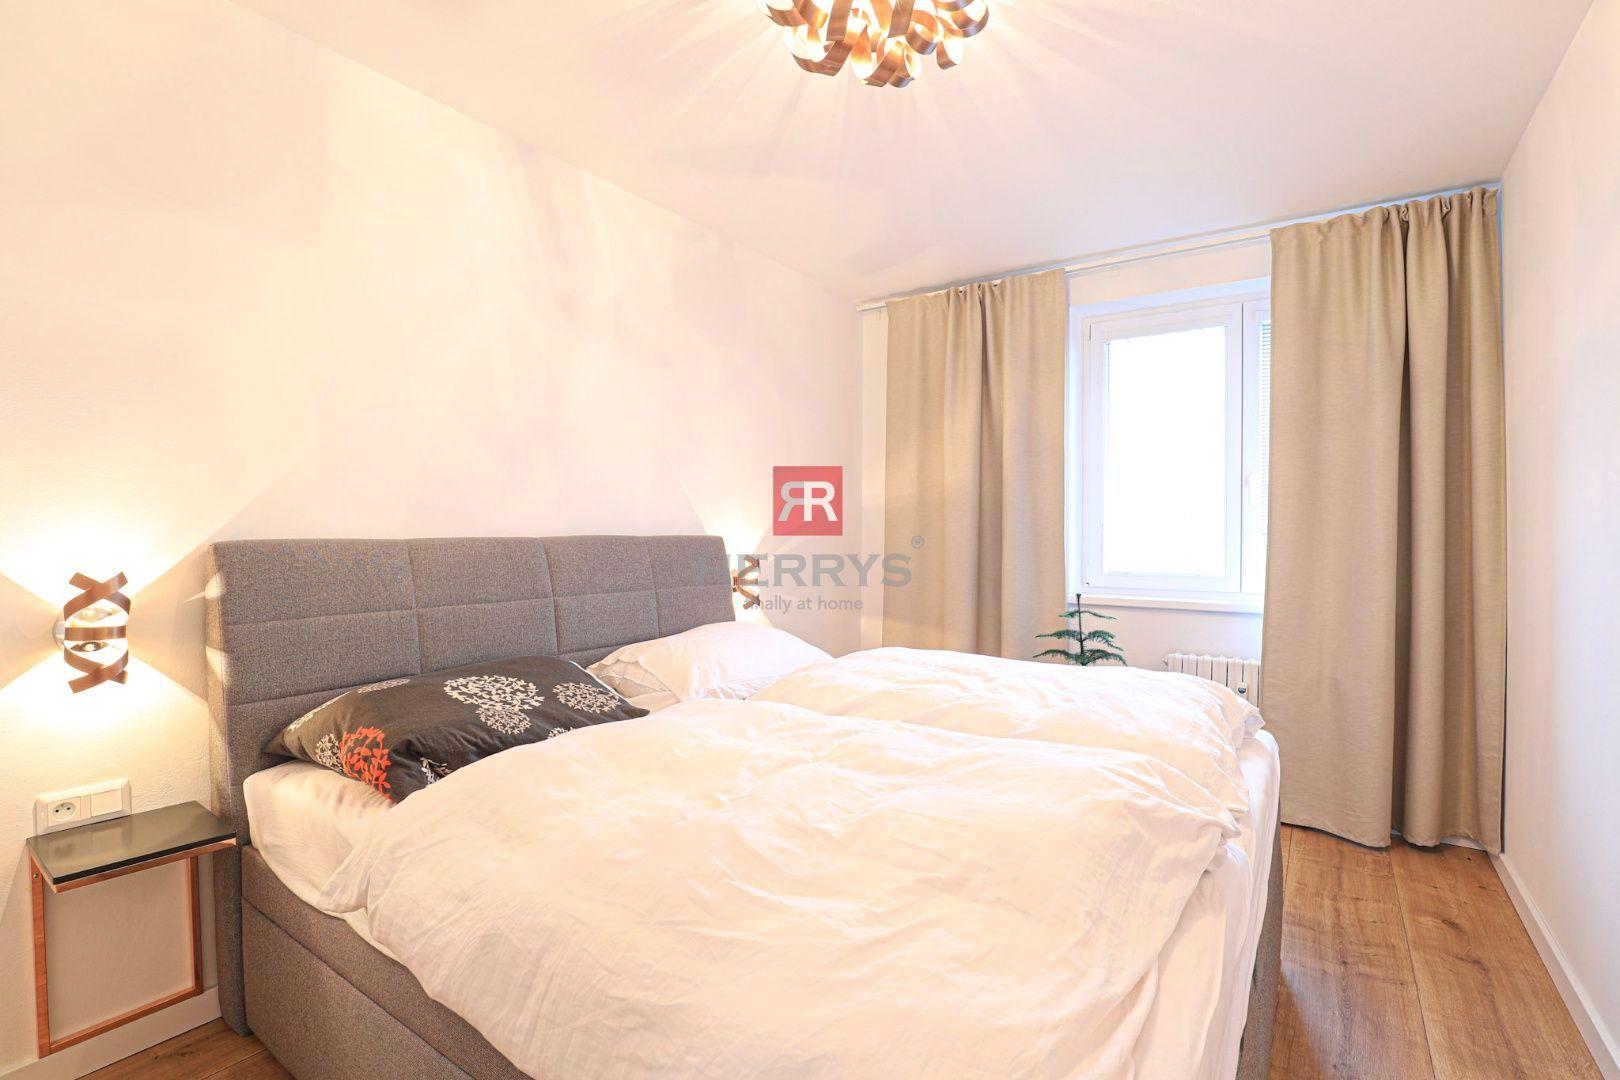 HERRYS - Na prenájom krásny priestranný a kompletne zariadený 3izbák s výhľadom na Dunaj v blízkosti Horského Parku